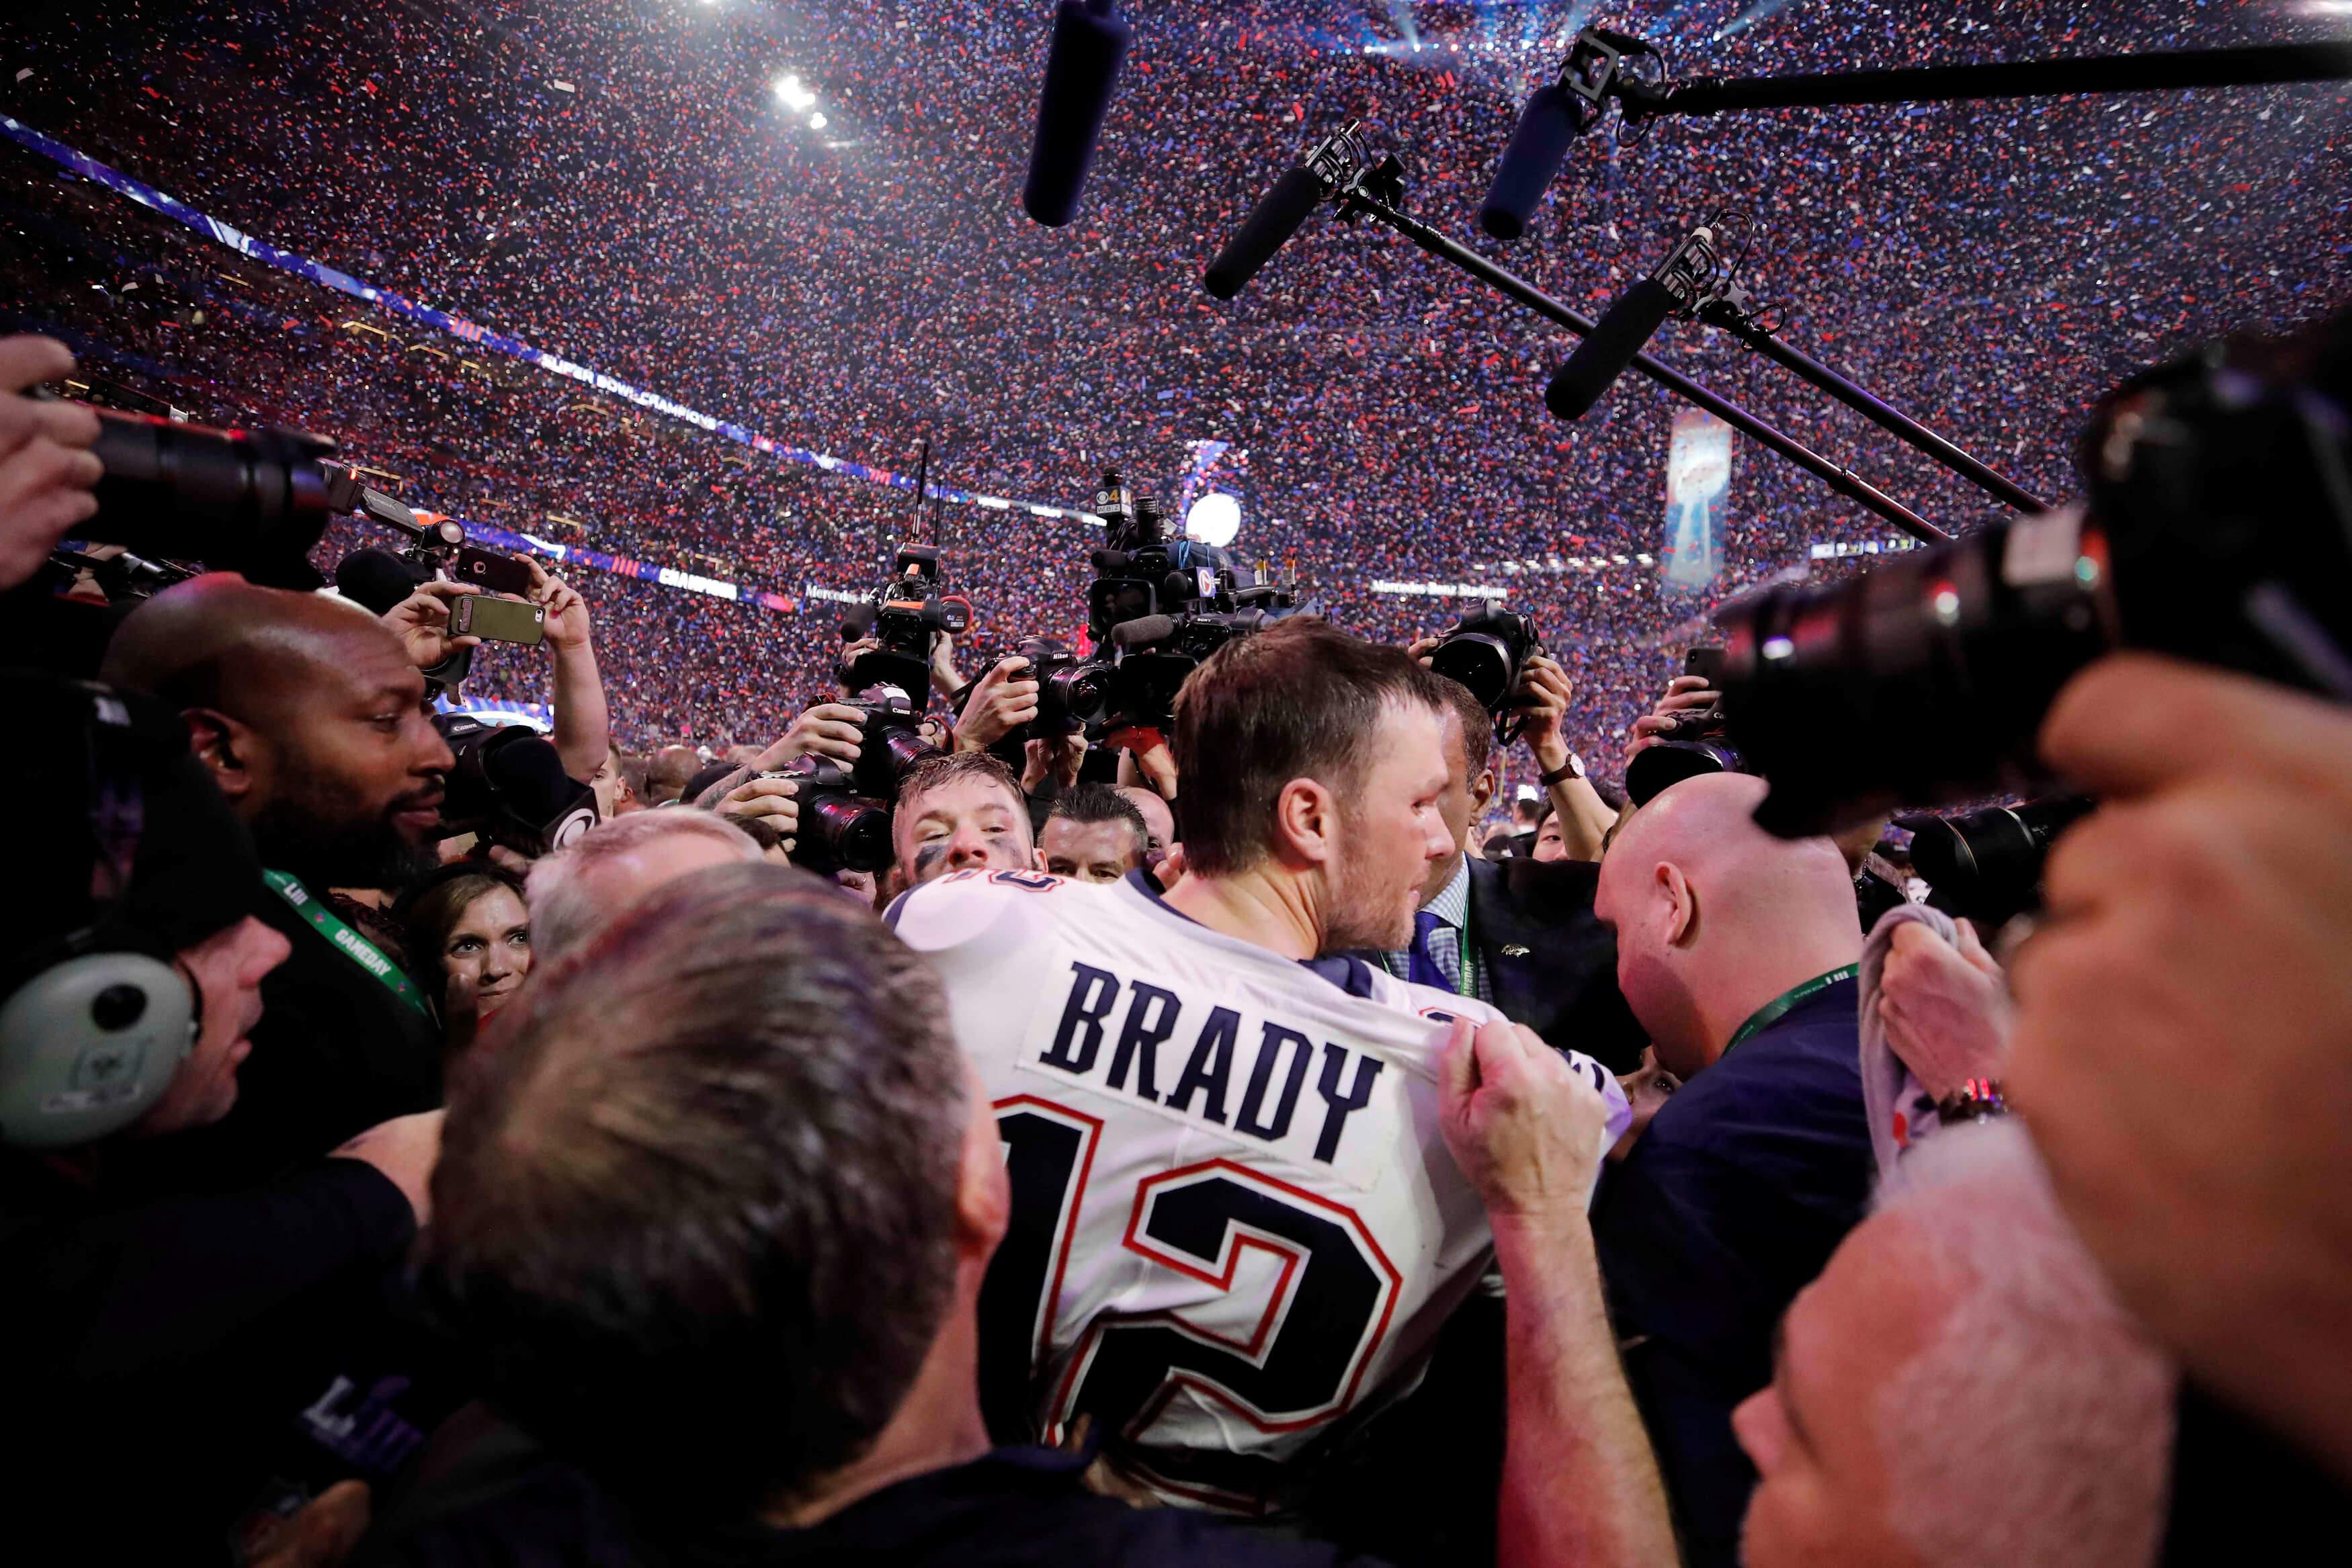 Μεγιστάνας στις ΗΠΑ στοιχημάτισε εκατομμύρια υπέρ του αουτσάιντερ στο Super Bowl (pic)